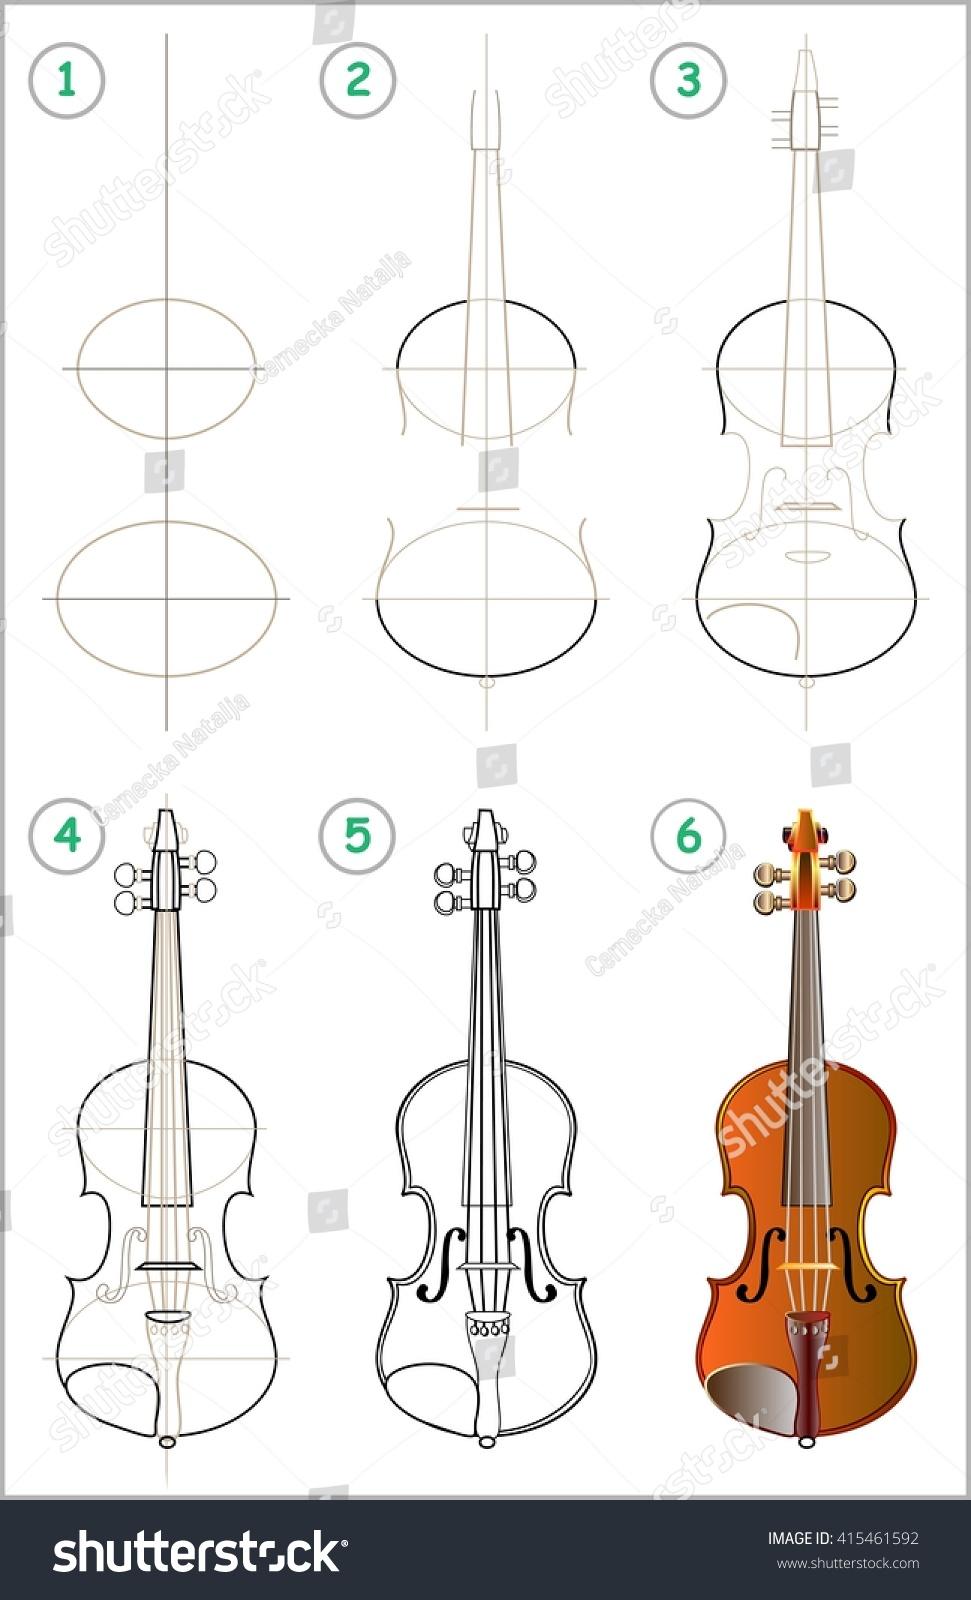 learn how to teach violin